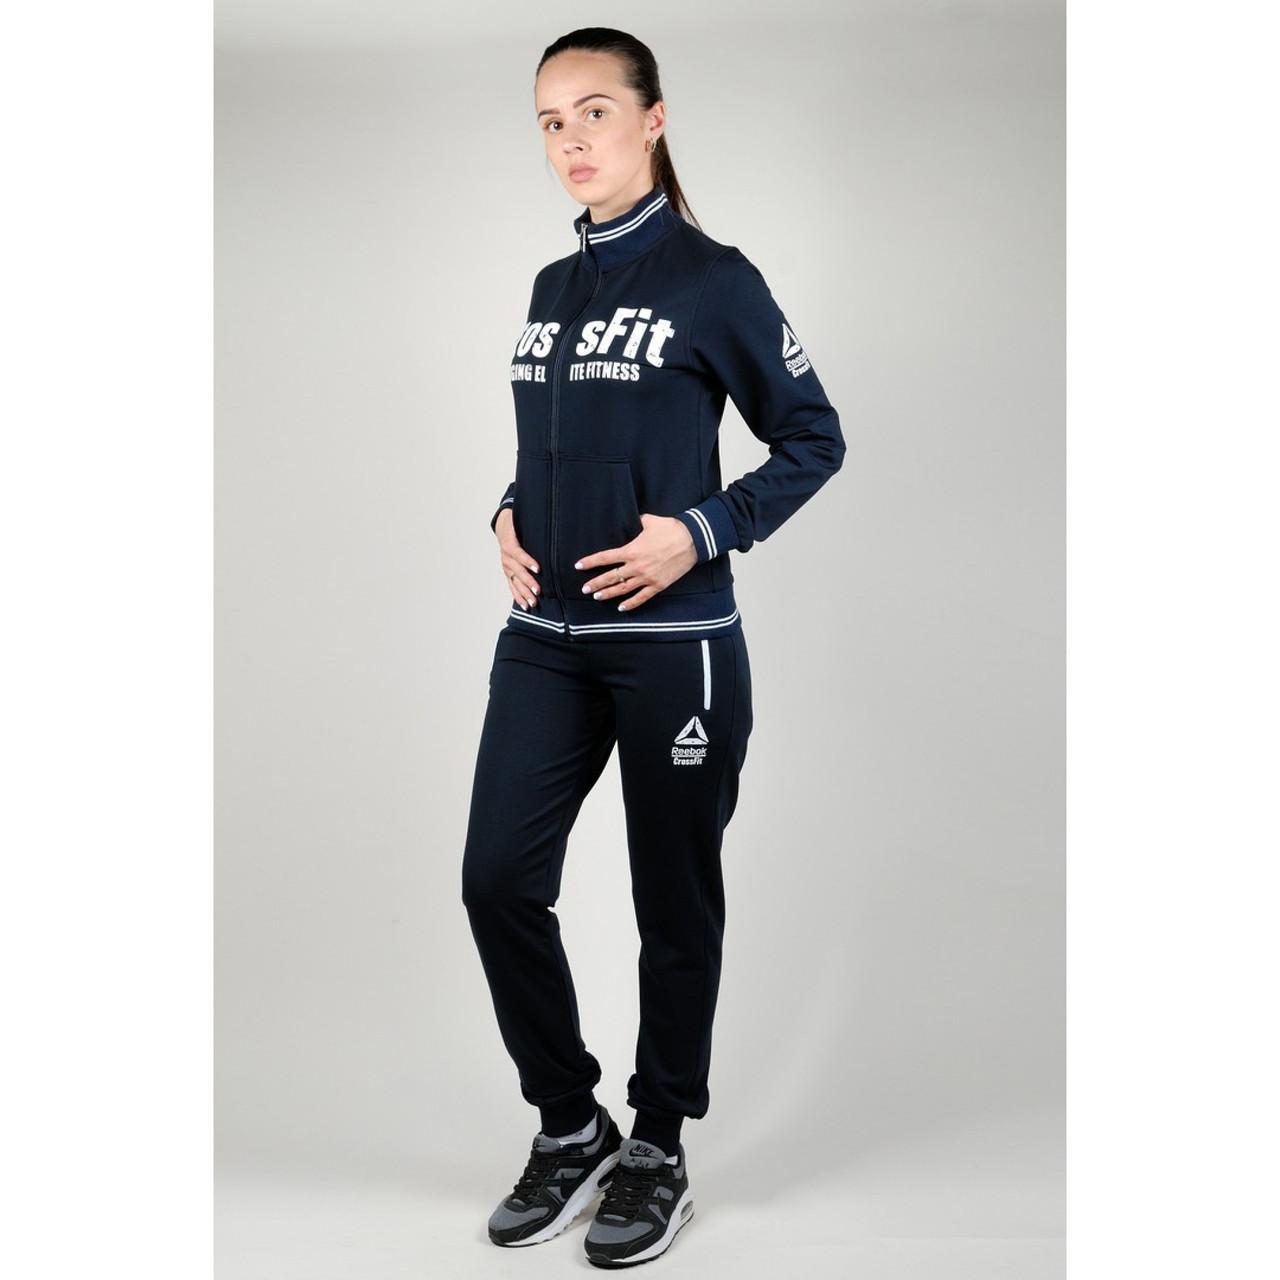 Купить Женский спортивный костюм Reebok Crossfit в Днепре от ... c31dfbf0cecba